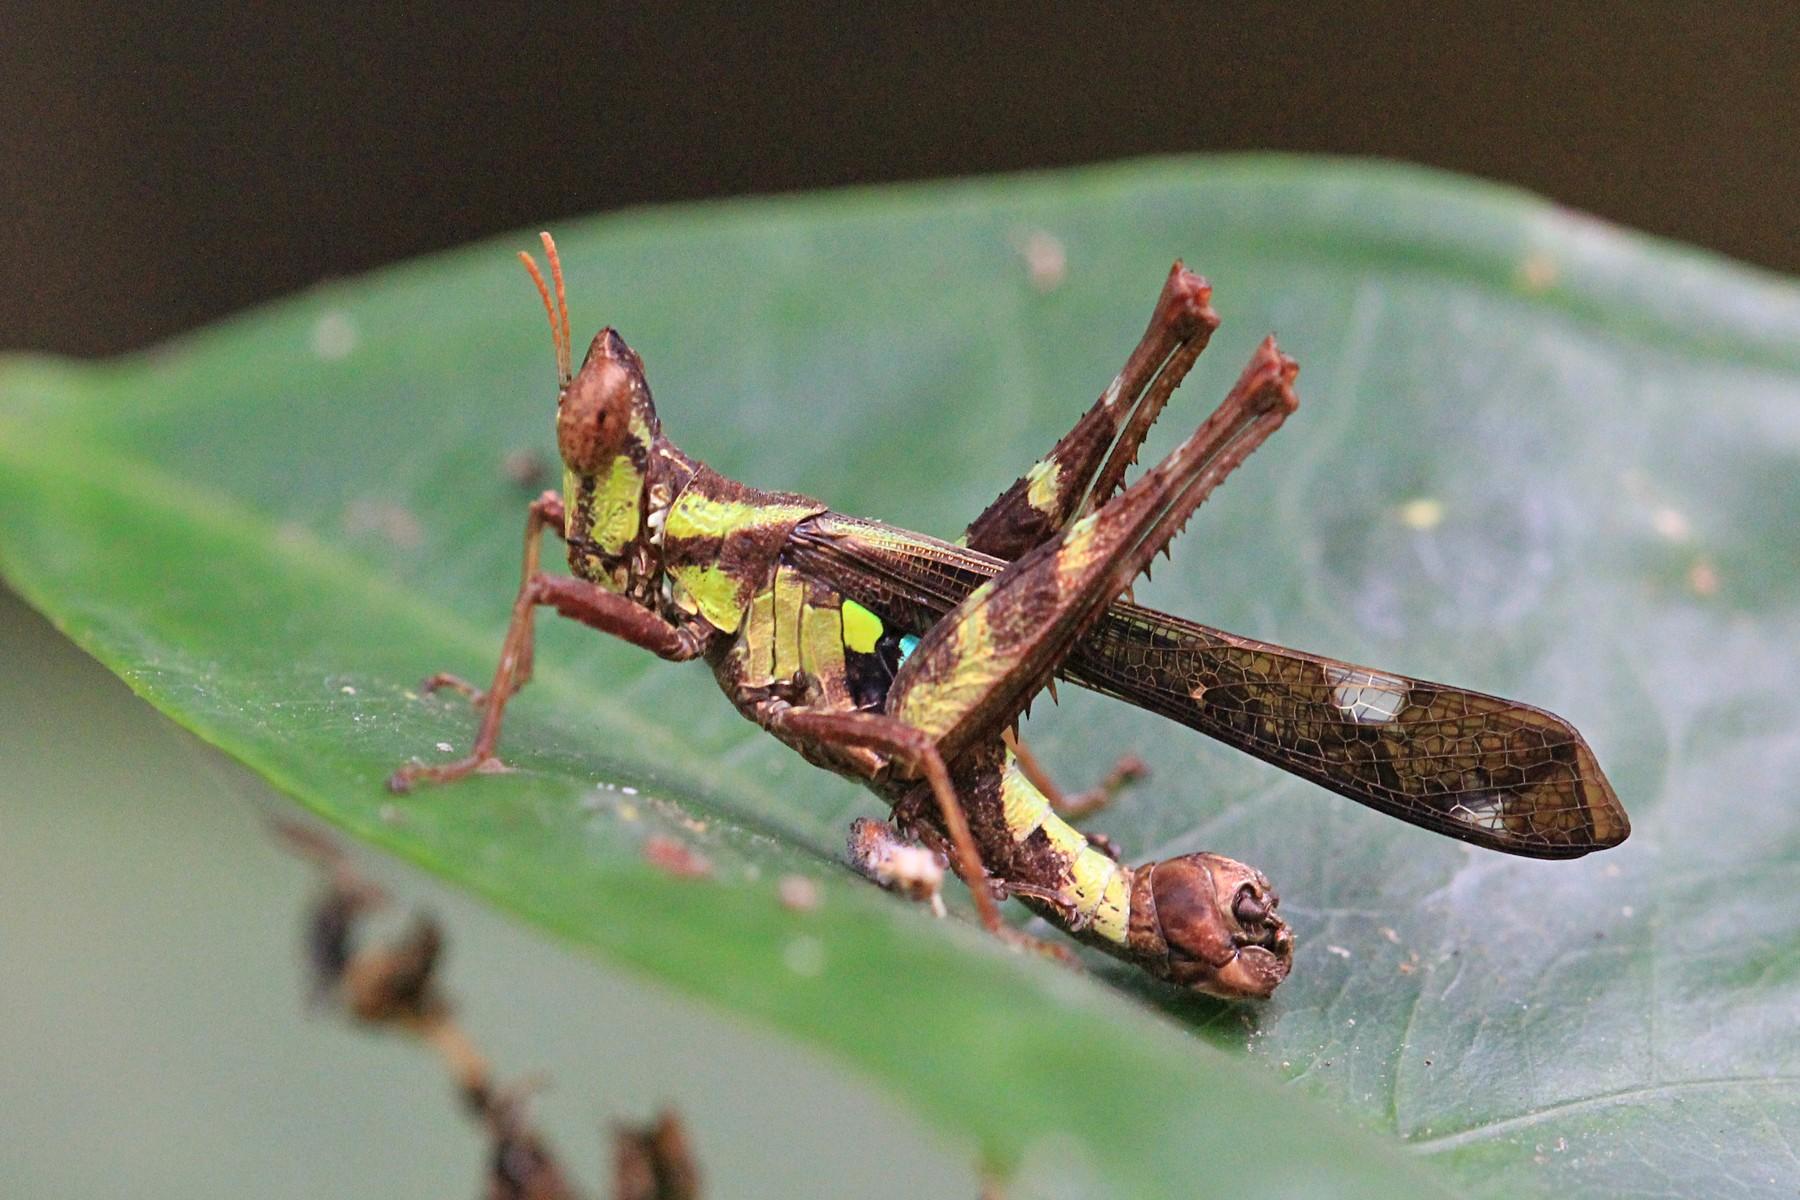 Полосатый кузнечик рода Erianthus с необычной головой и катафотами на спине